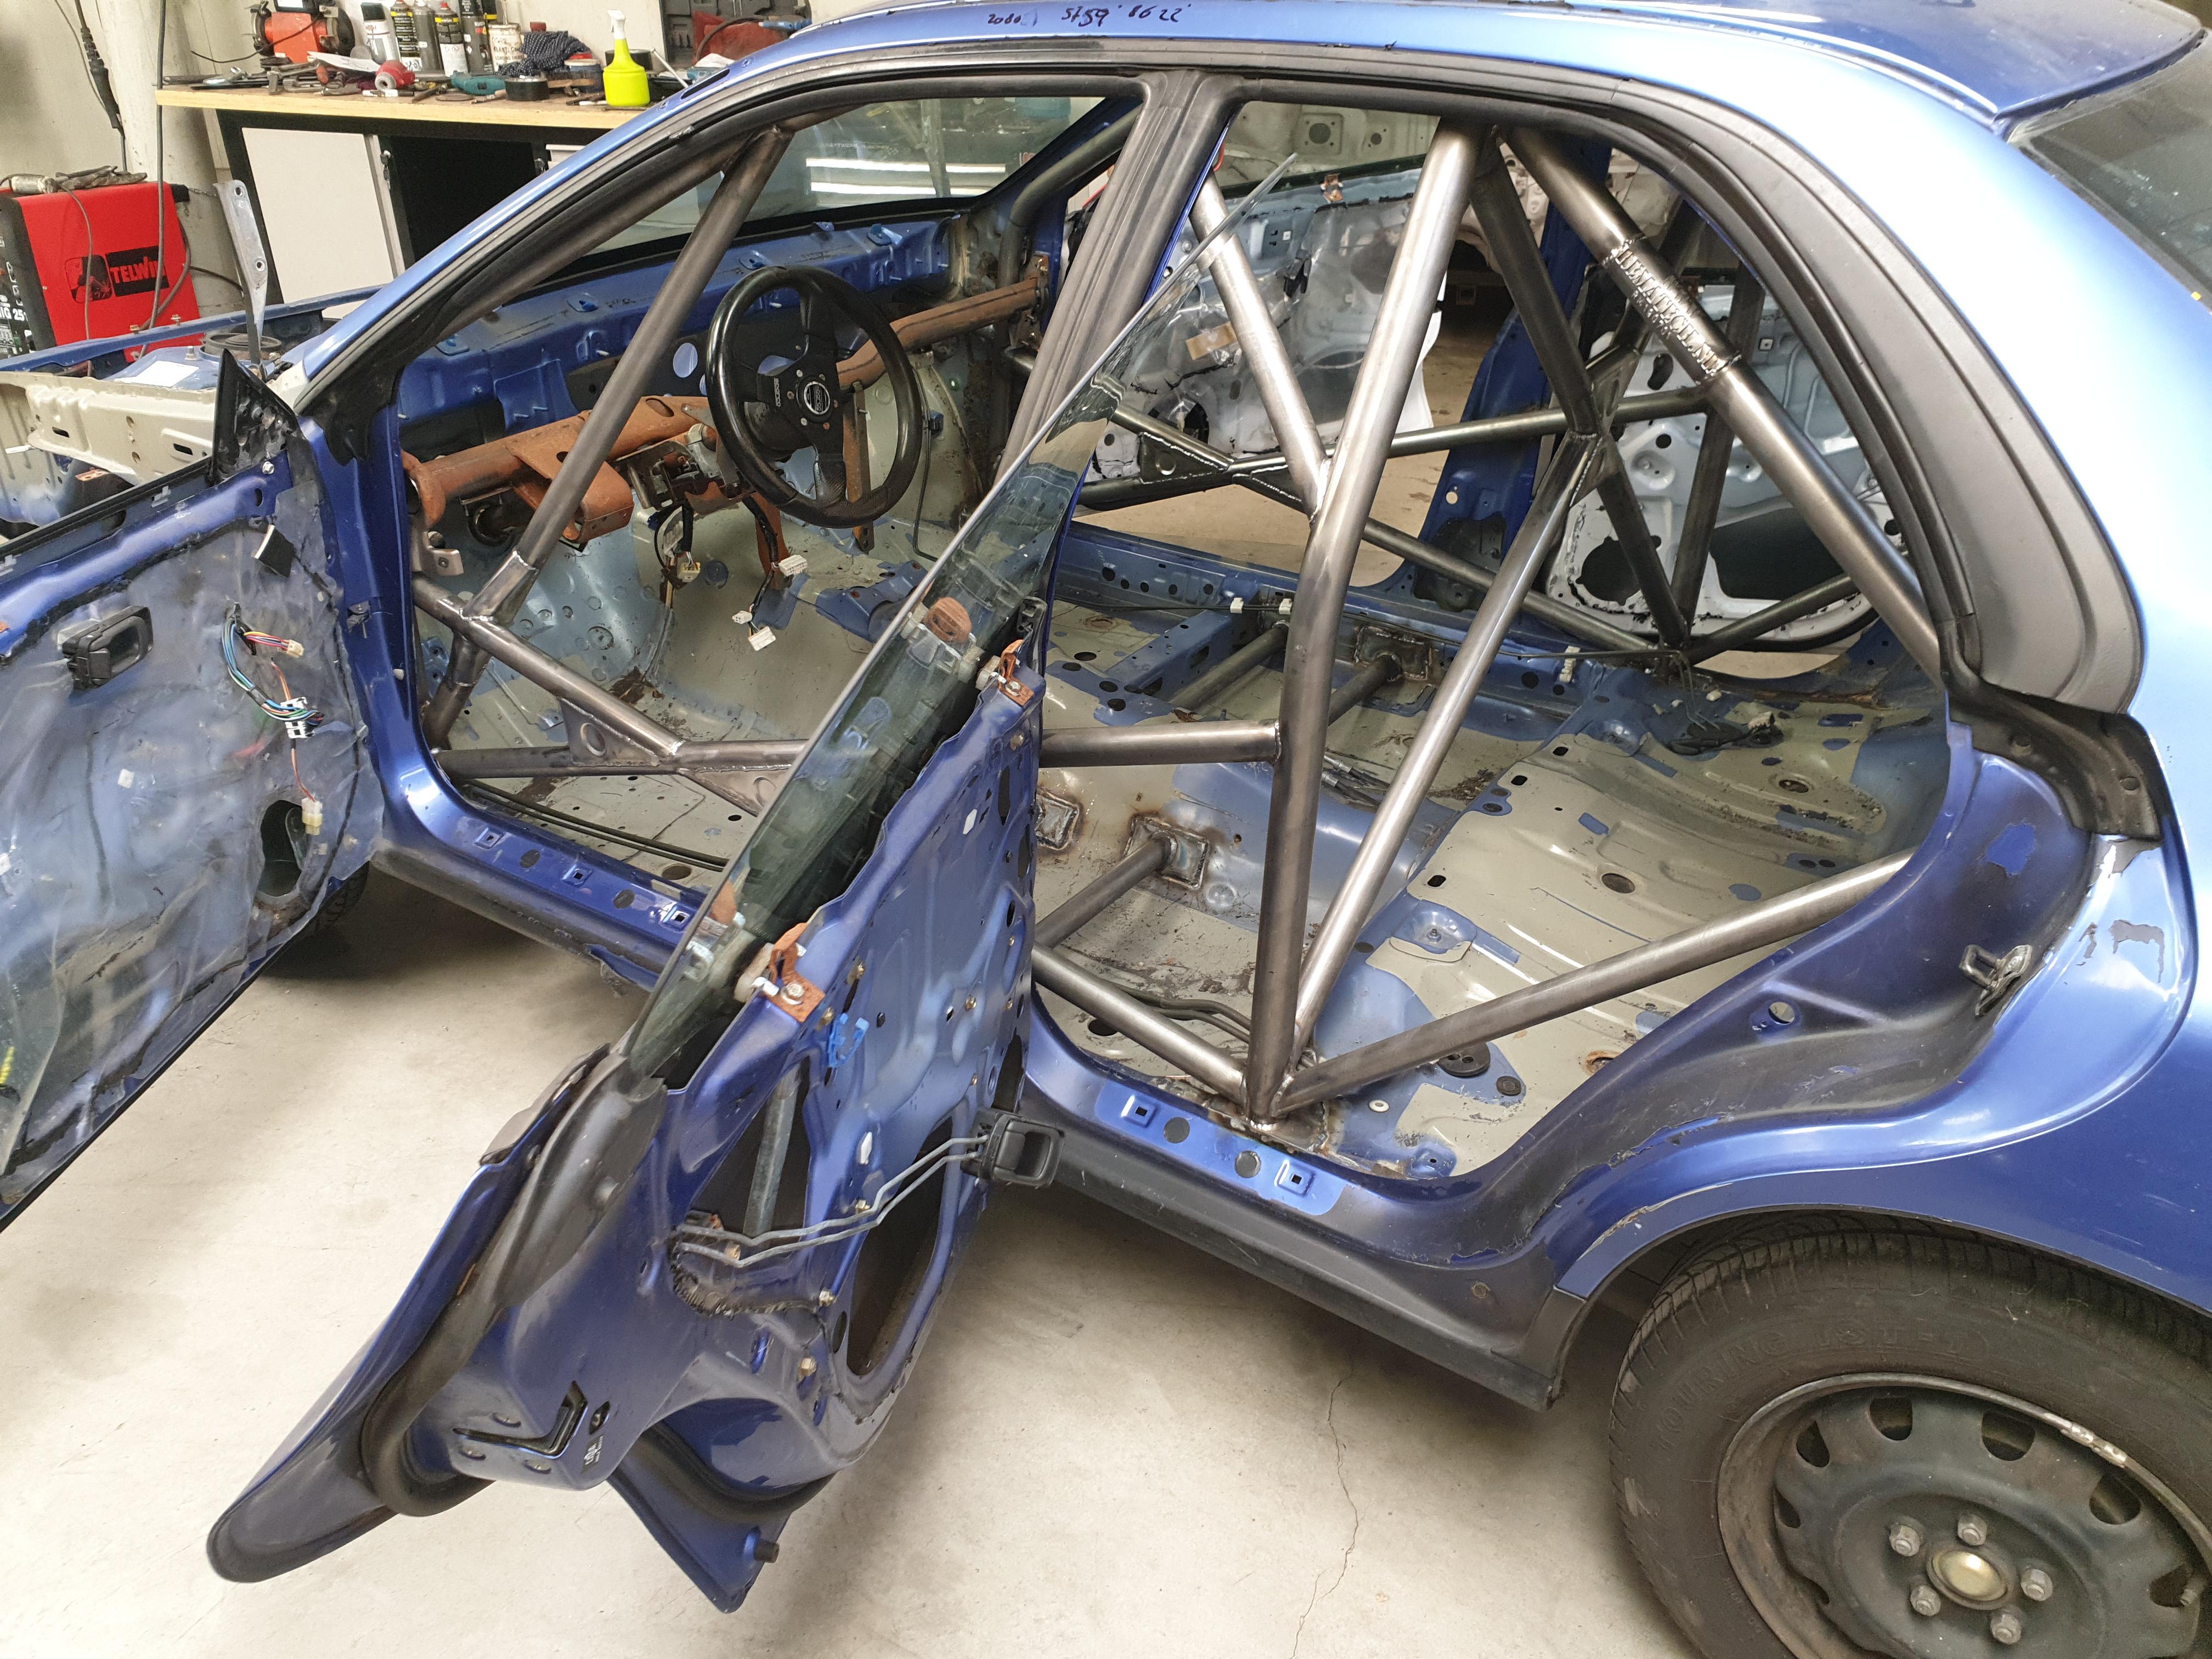 Subaru Impreza GTT GC8 Voorzien Van Rolbeugel Voor Rallysport